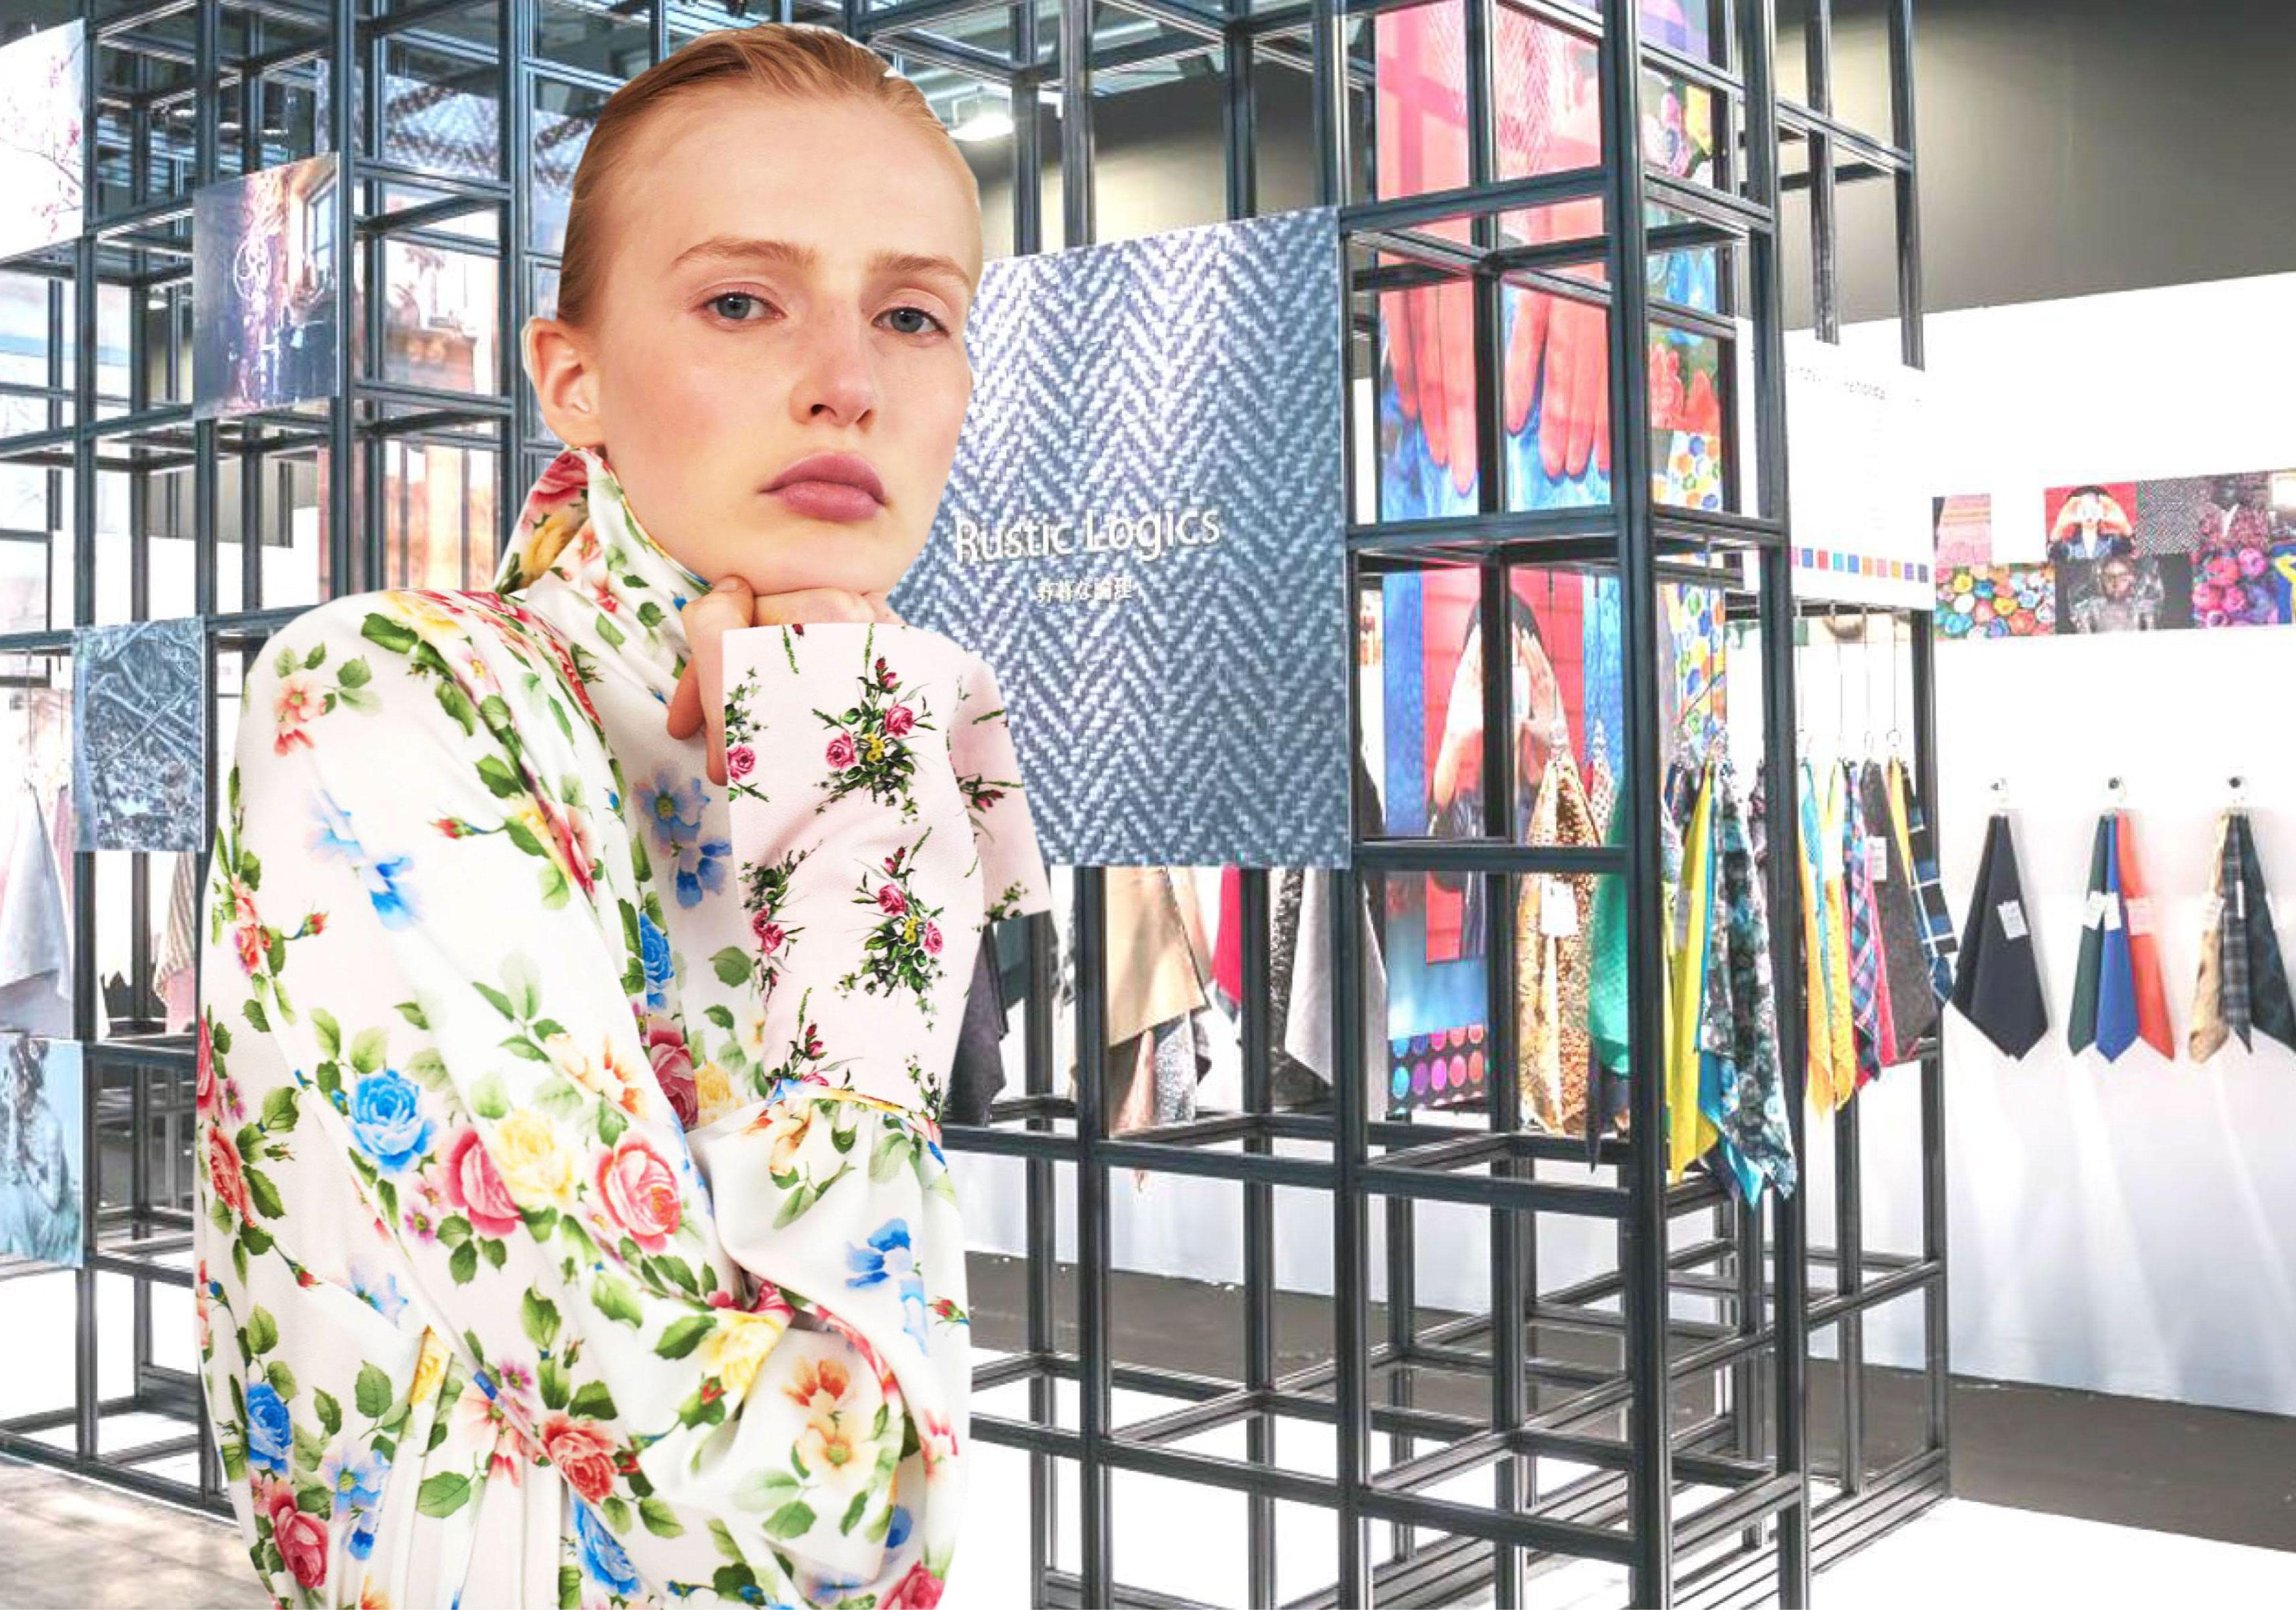 米兰Milano Unica纺织面料展,呈现了各大印花工作室新鲜出炉的最新季设计。规模之大意味着买手能有更多时间造访各个工作室,挑选2019/20秋冬的新颖印花面料 提花面料等,买手们根据近期的T台趋势搜寻新意。